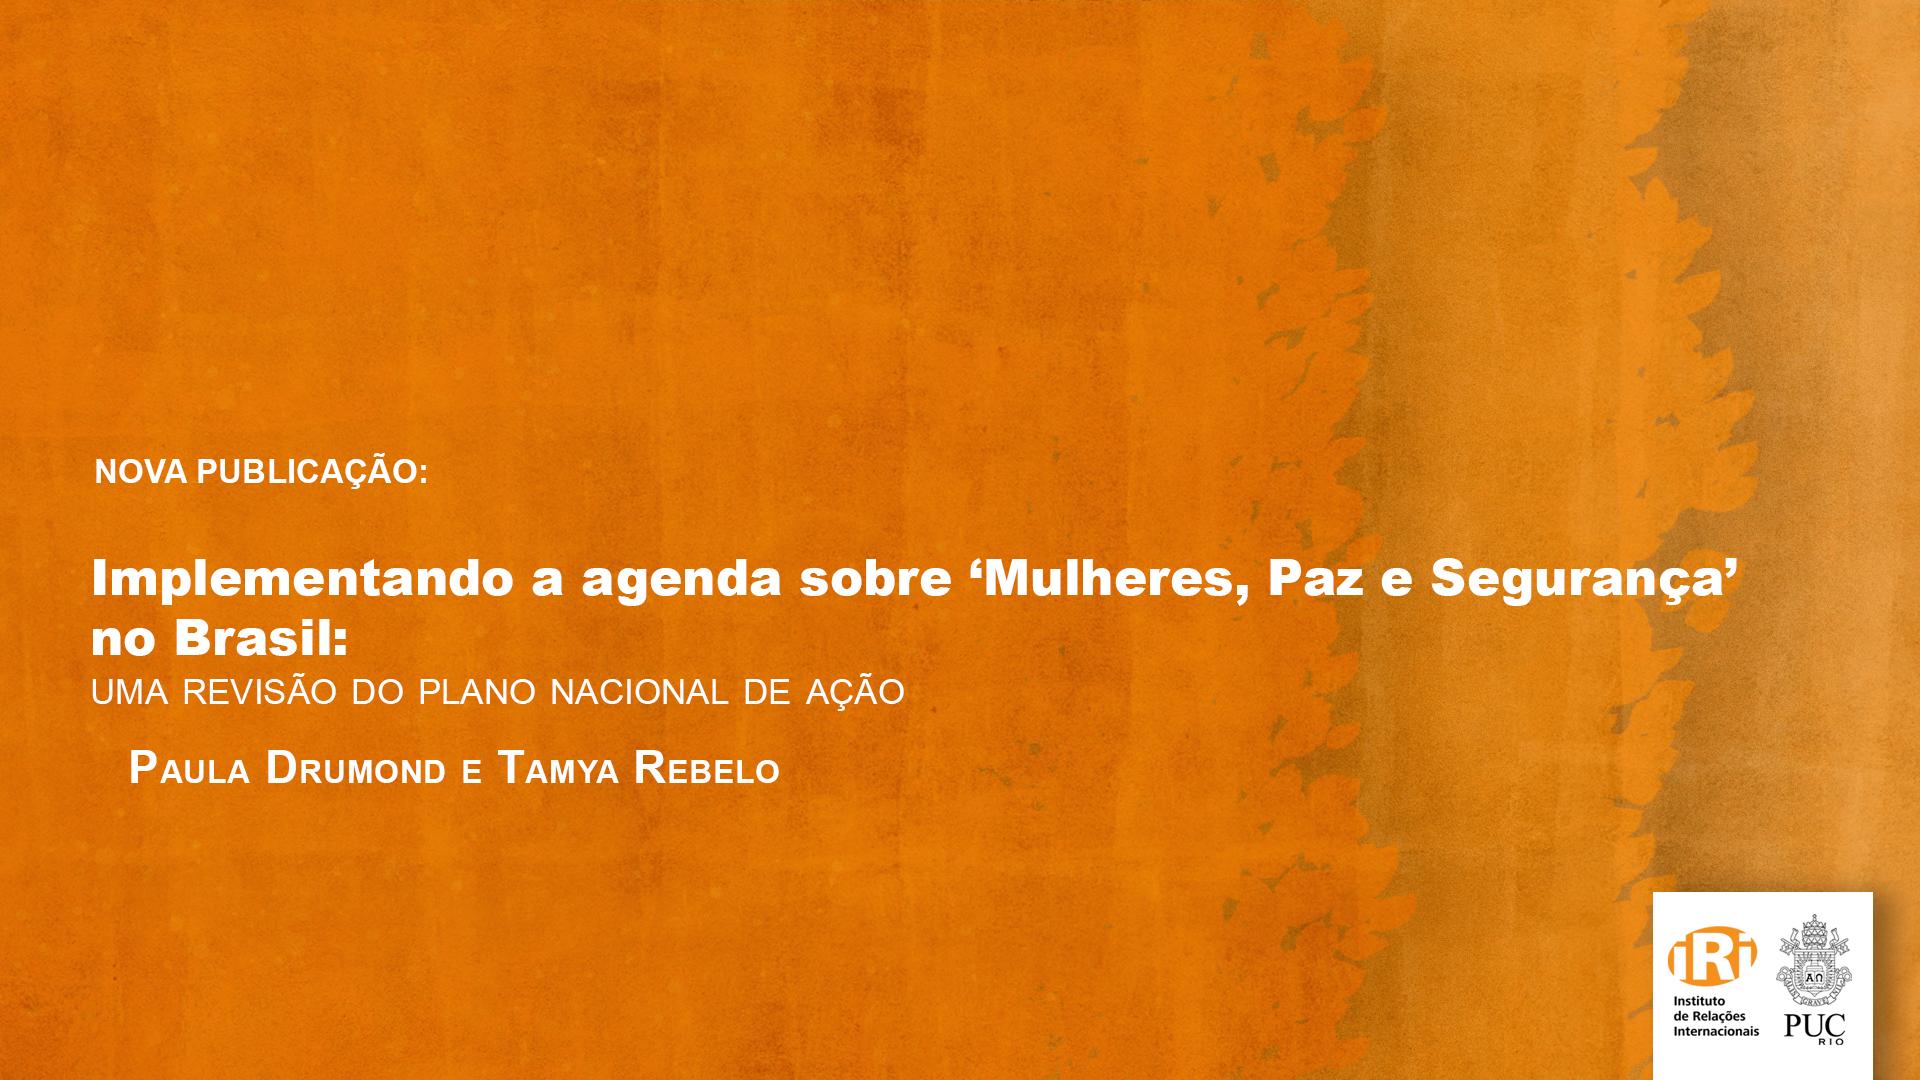 Implementando a agenda sobre 'Mulheres, Paz e Segurança' no Brasil: uma revisão do Plano Nacional de Ação